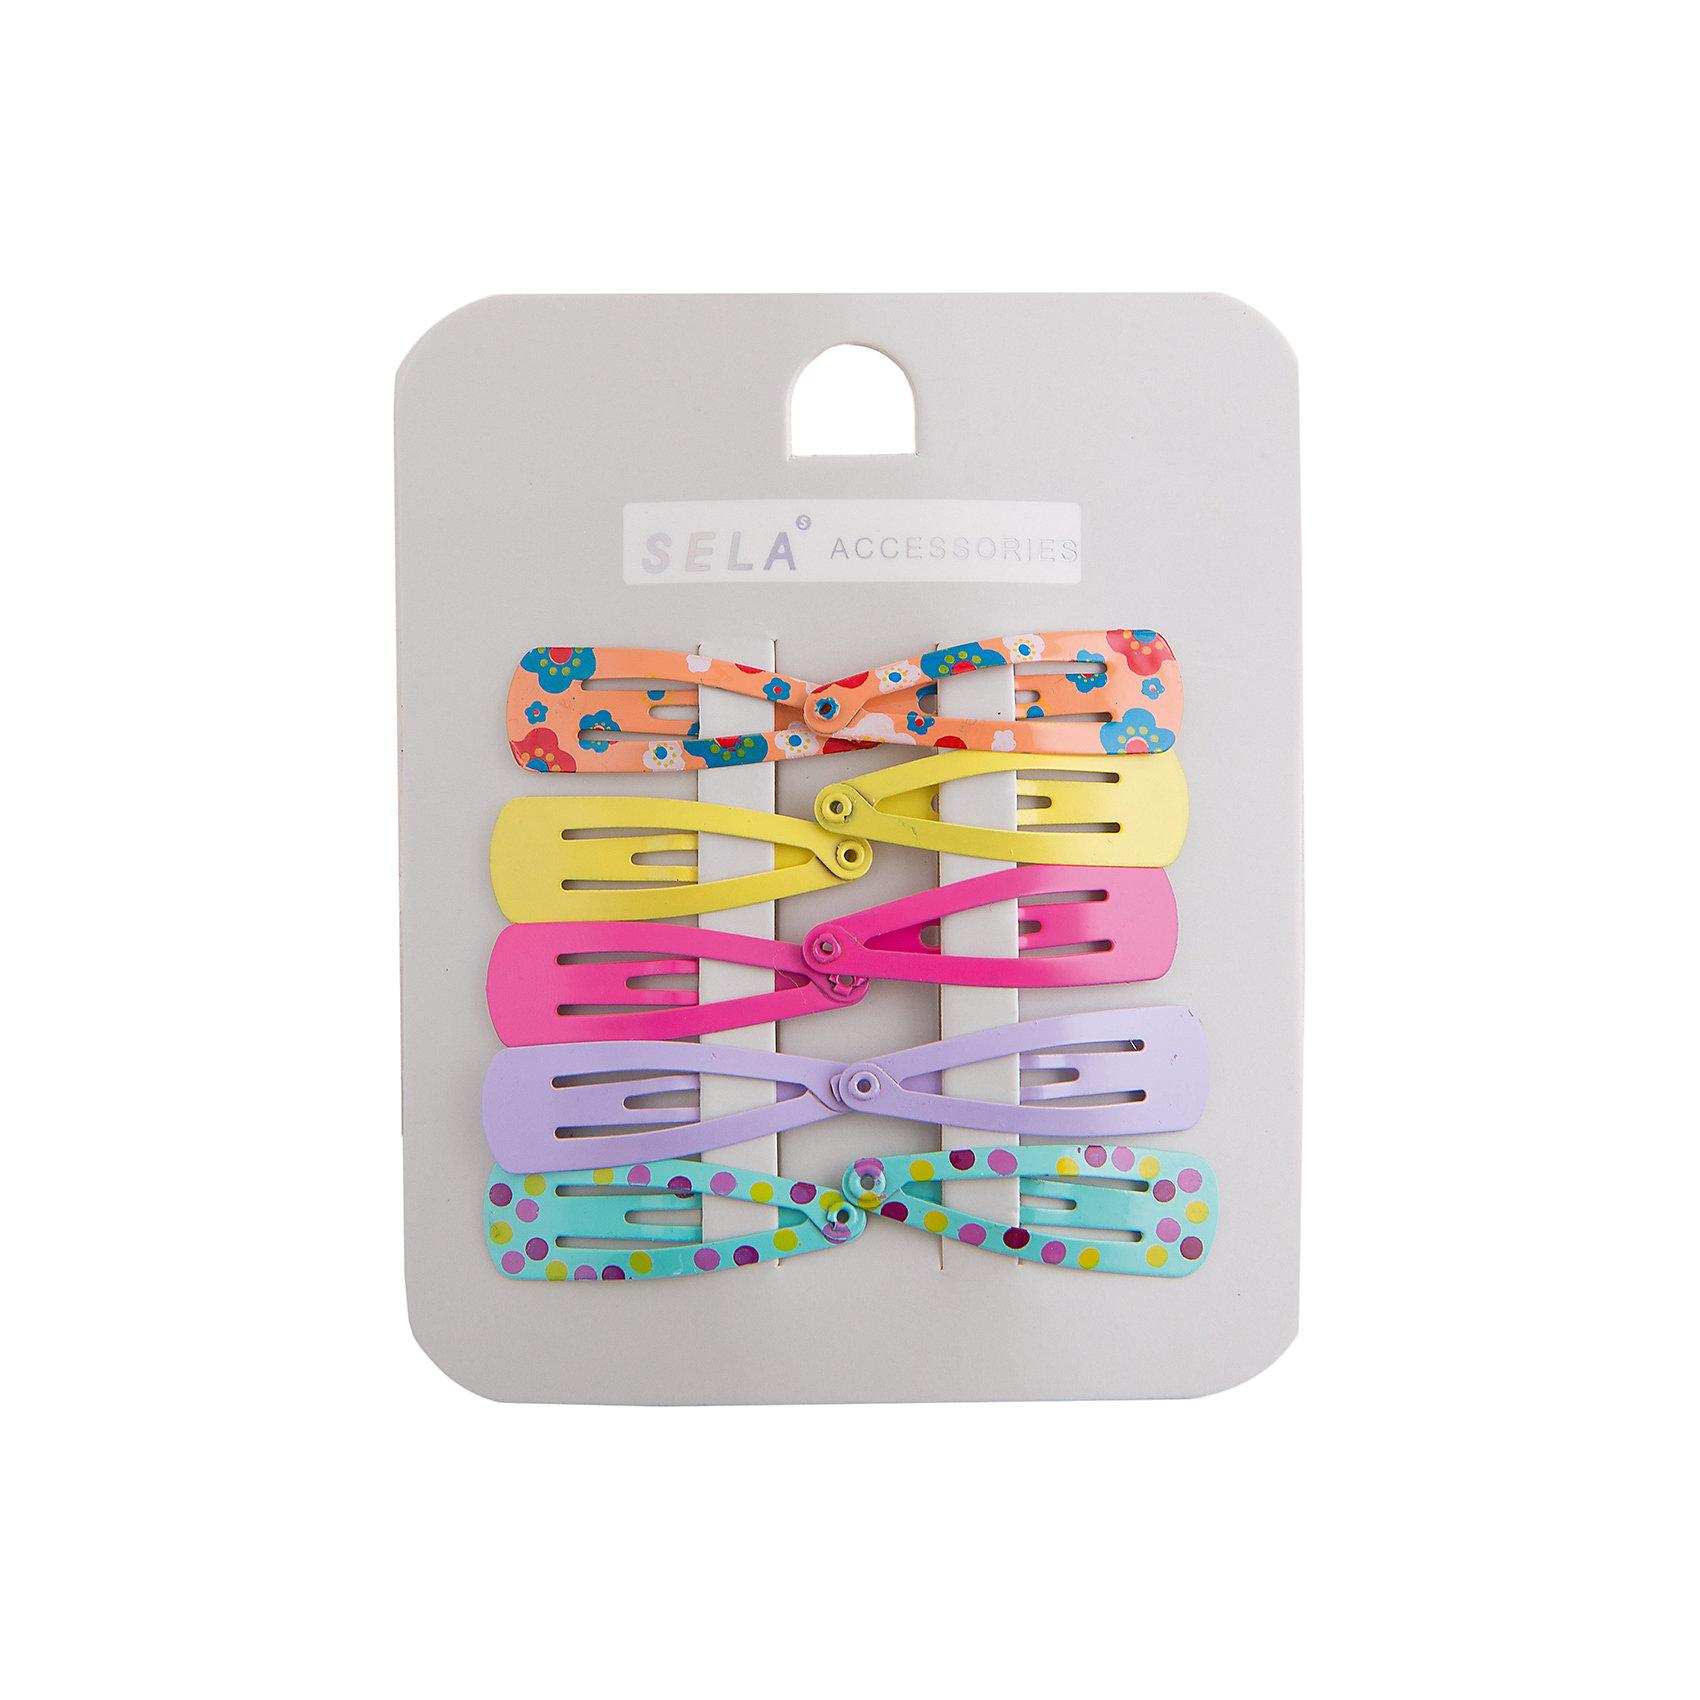 Заколка для волос, 10 шт. SELAЗаколки от известной марки SELА помогут дополнить летний гардероб девочки, создать нарядный или повседневный образ. Качественный материал и продуманная форма обеспечат ребенку комфорт при ношении этой вещи. <br>В наборе - десять заколок, с помощью которых можно делать разнообразные прически.<br><br>Дополнительная информация:<br><br>материал: металл;<br>цвет: разноцветный;<br>комплектация: 10 штук.<br><br>Аксессуары для девочки от бренда SELА (Села) можно купить в нашем магазине.<br><br>Ширина мм: 170<br>Глубина мм: 157<br>Высота мм: 67<br>Вес г: 117<br>Цвет: желтый<br>Возраст от месяцев: 24<br>Возраст до месяцев: 144<br>Пол: Женский<br>Возраст: Детский<br>Размер: one size<br>SKU: 4741525